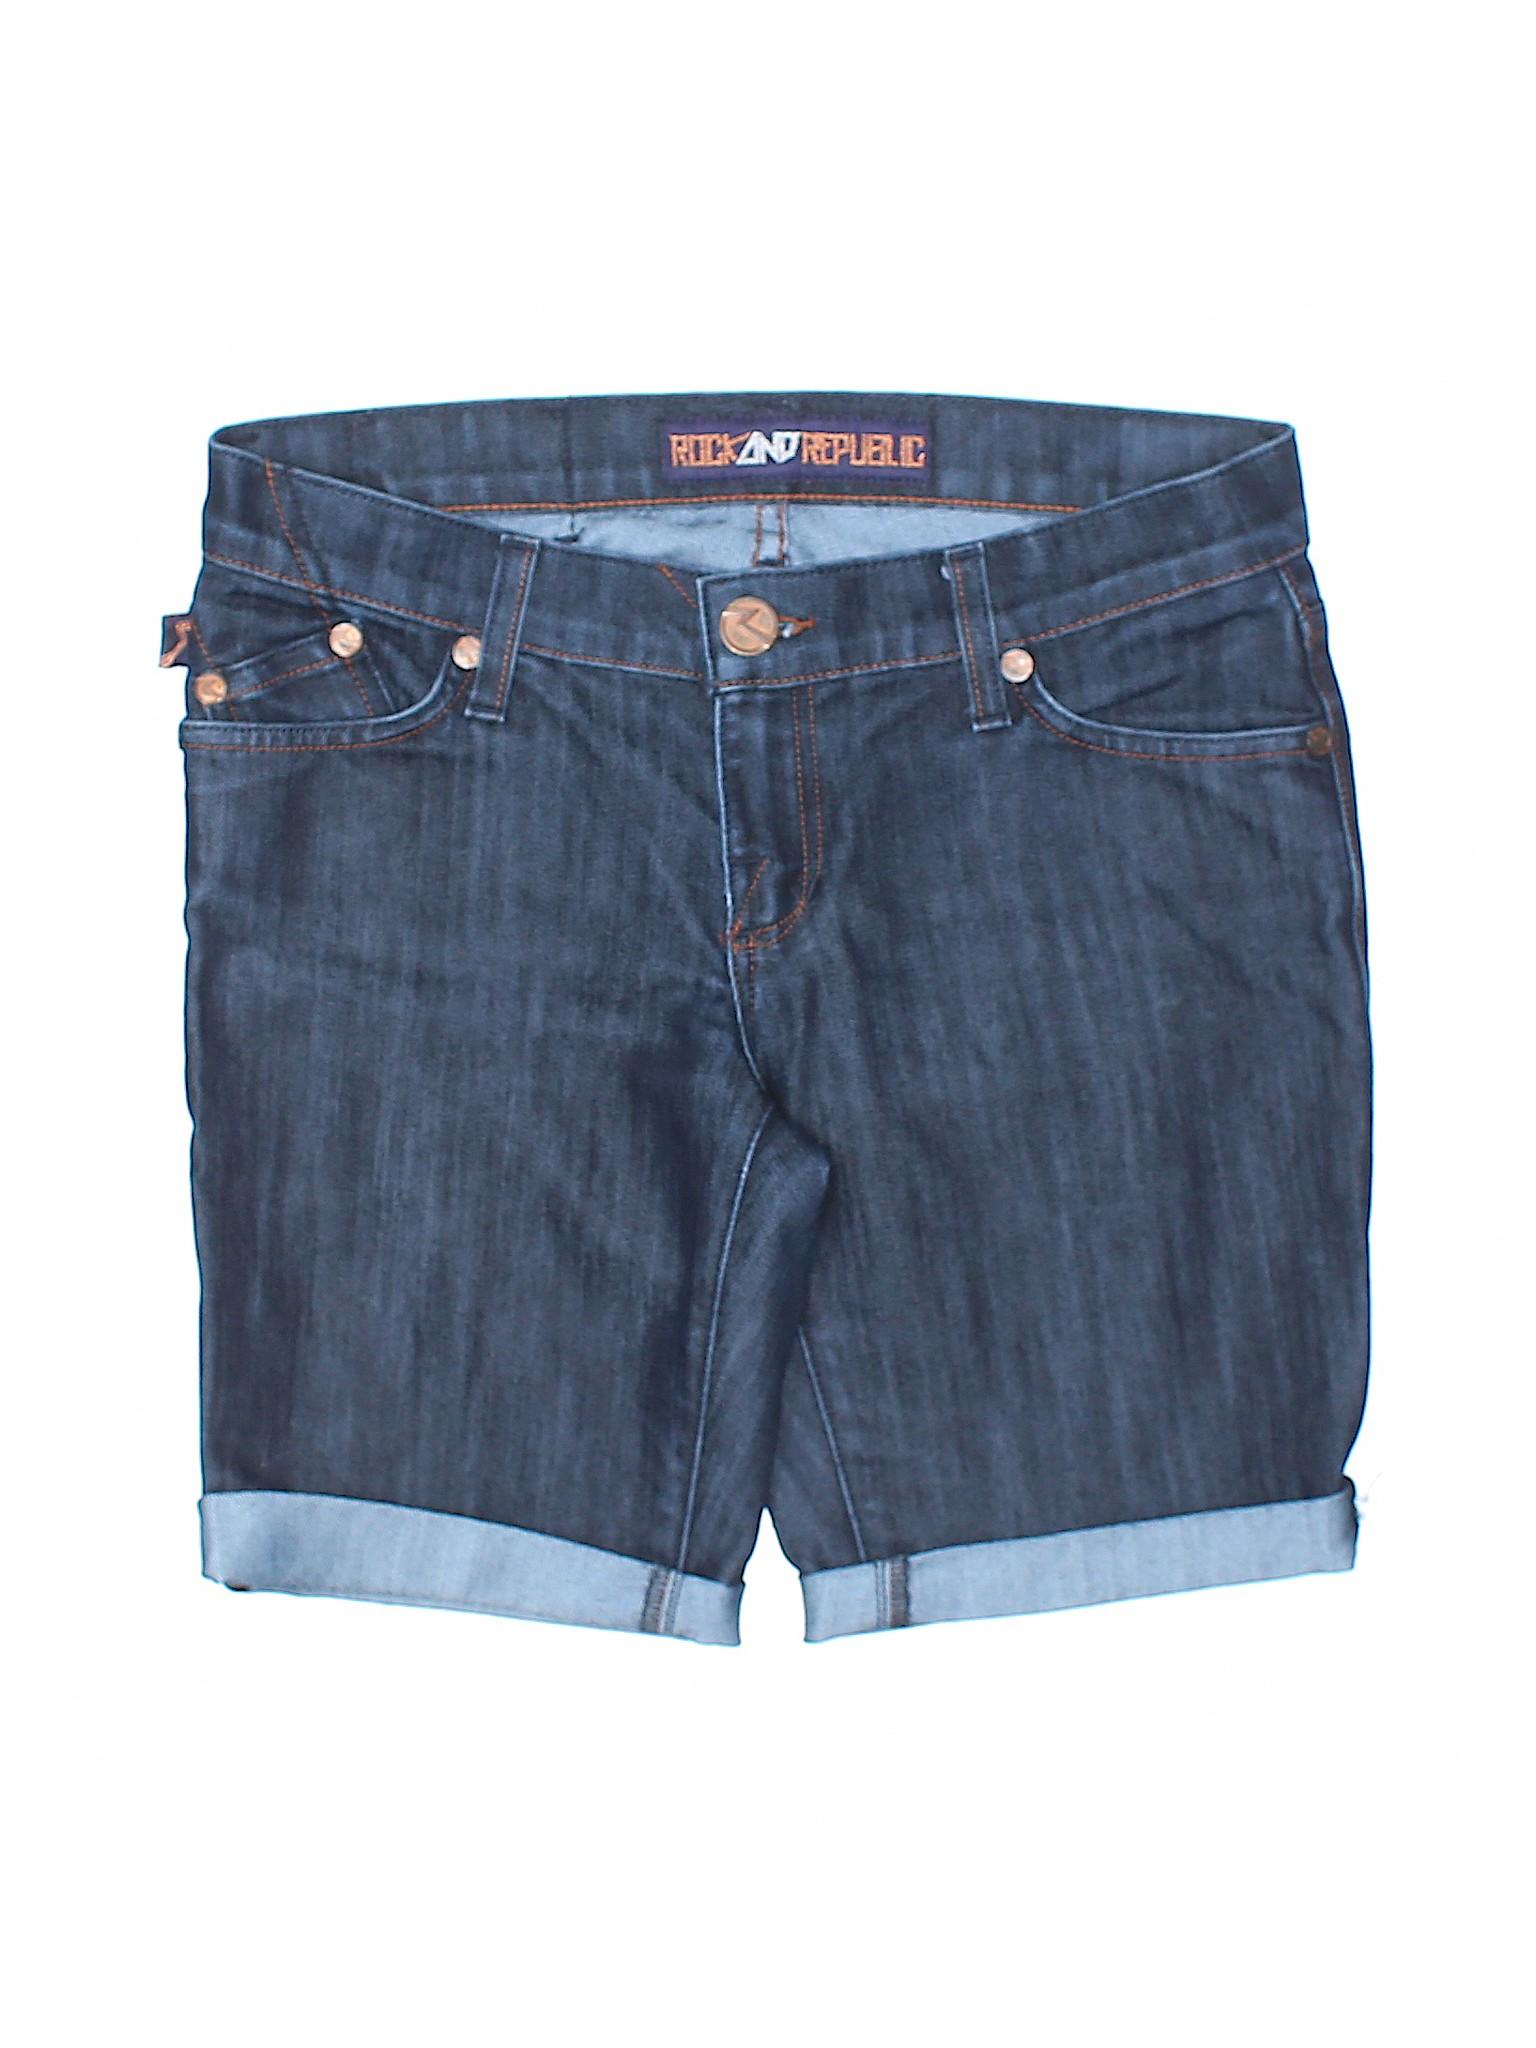 amp; Denim Boutique Shorts Republic Rock qSF7YYwxUX